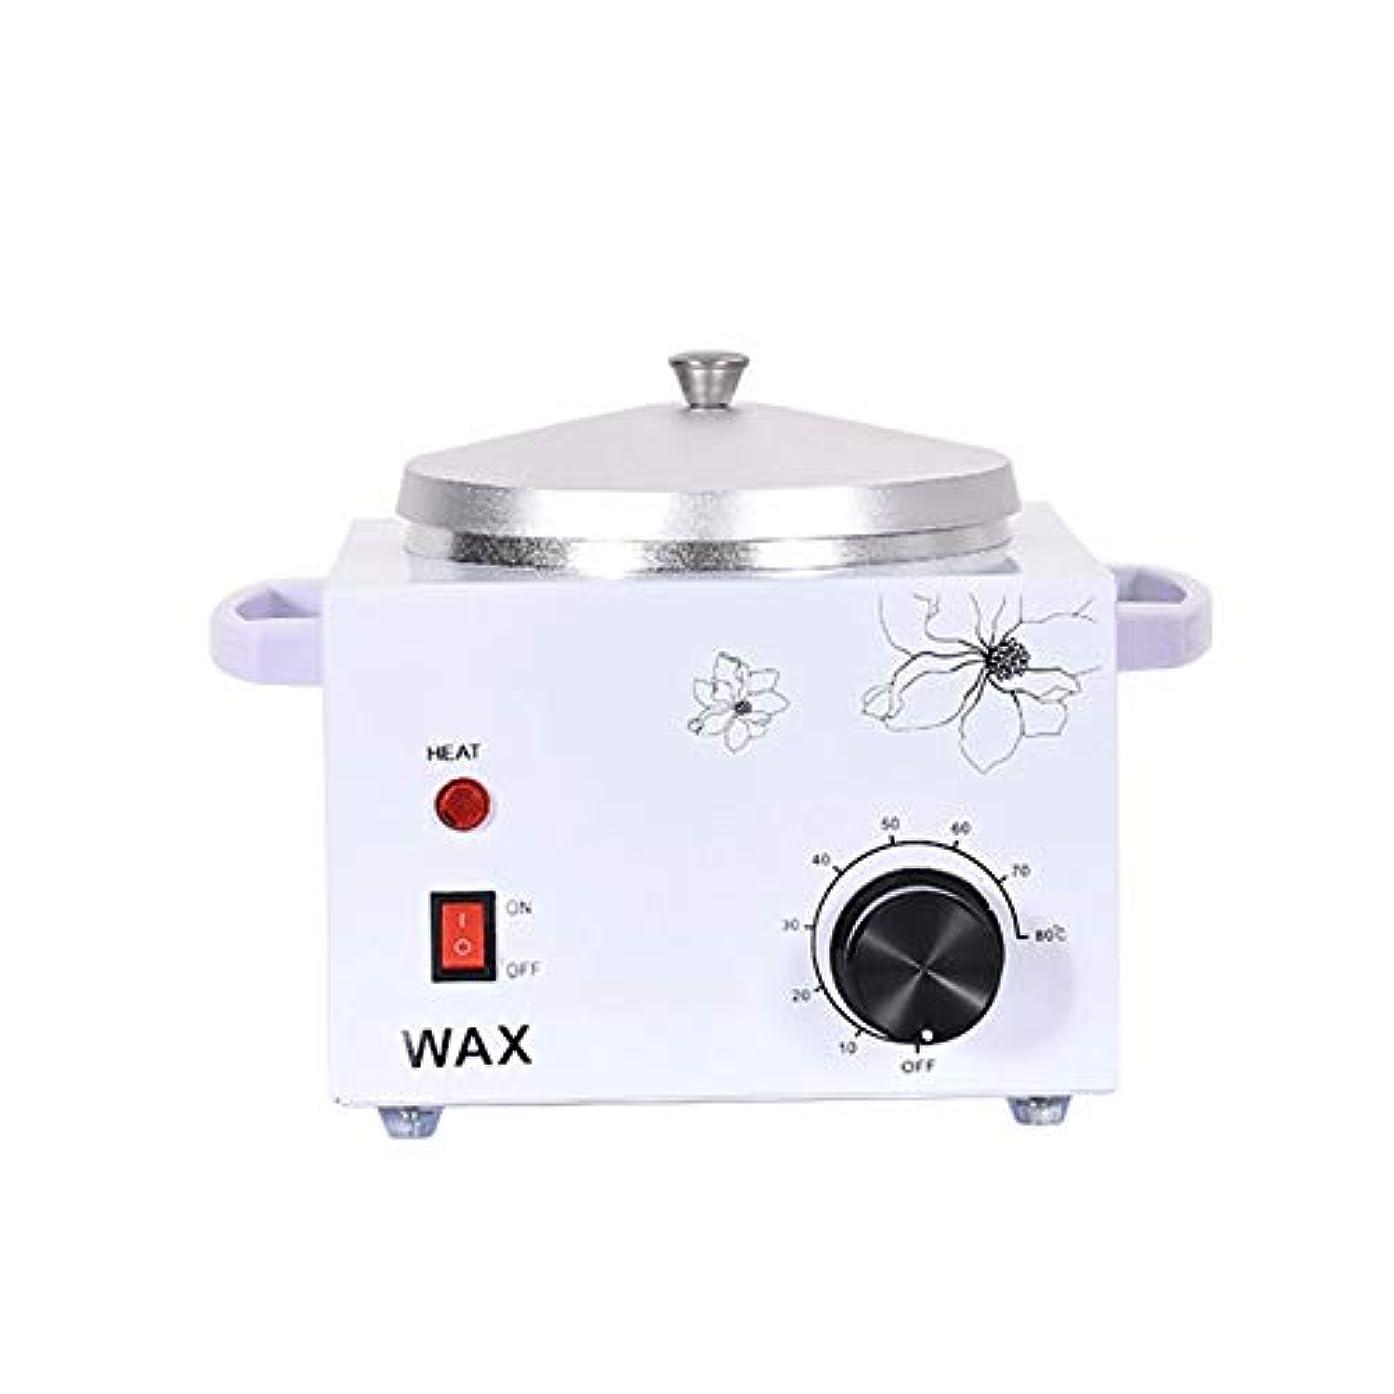 パイロット貪欲浸すプロフェッショナル電気ワックスウォーマーヒーター美容室ワックスポット多機能シングル口の炉内温度制御脱毛脱毛ワックスビーンヒーター600ccの